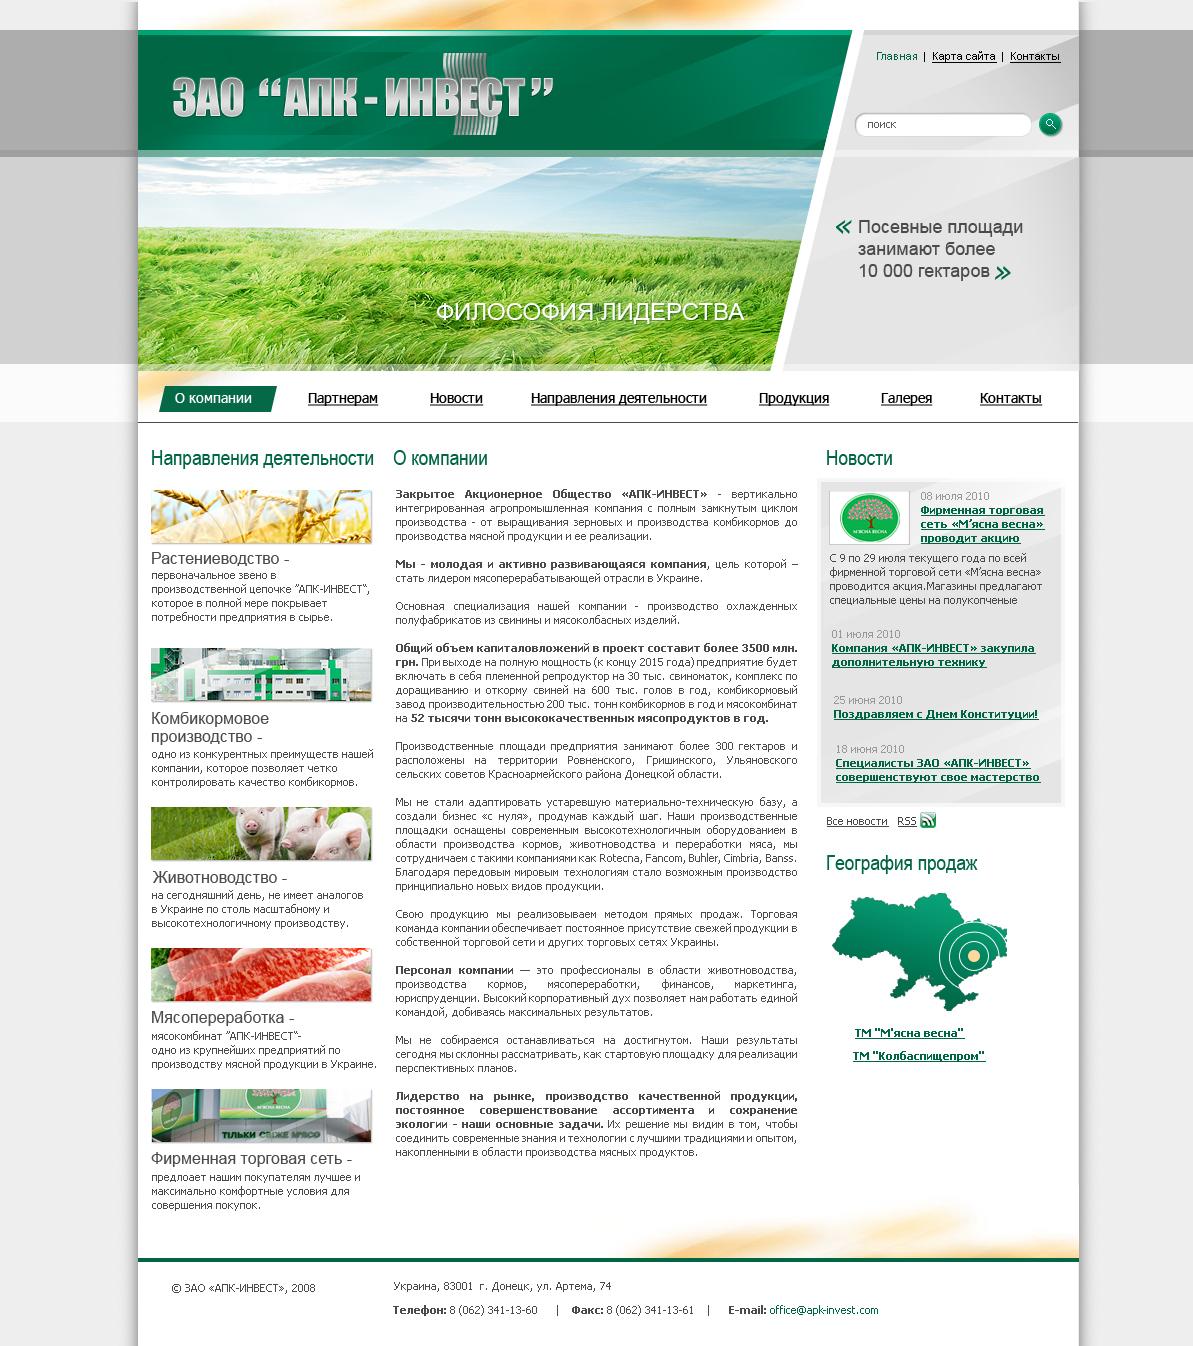 Создание и разработка сайта Донецк - ЗАО АПК-ИНВЕСТ